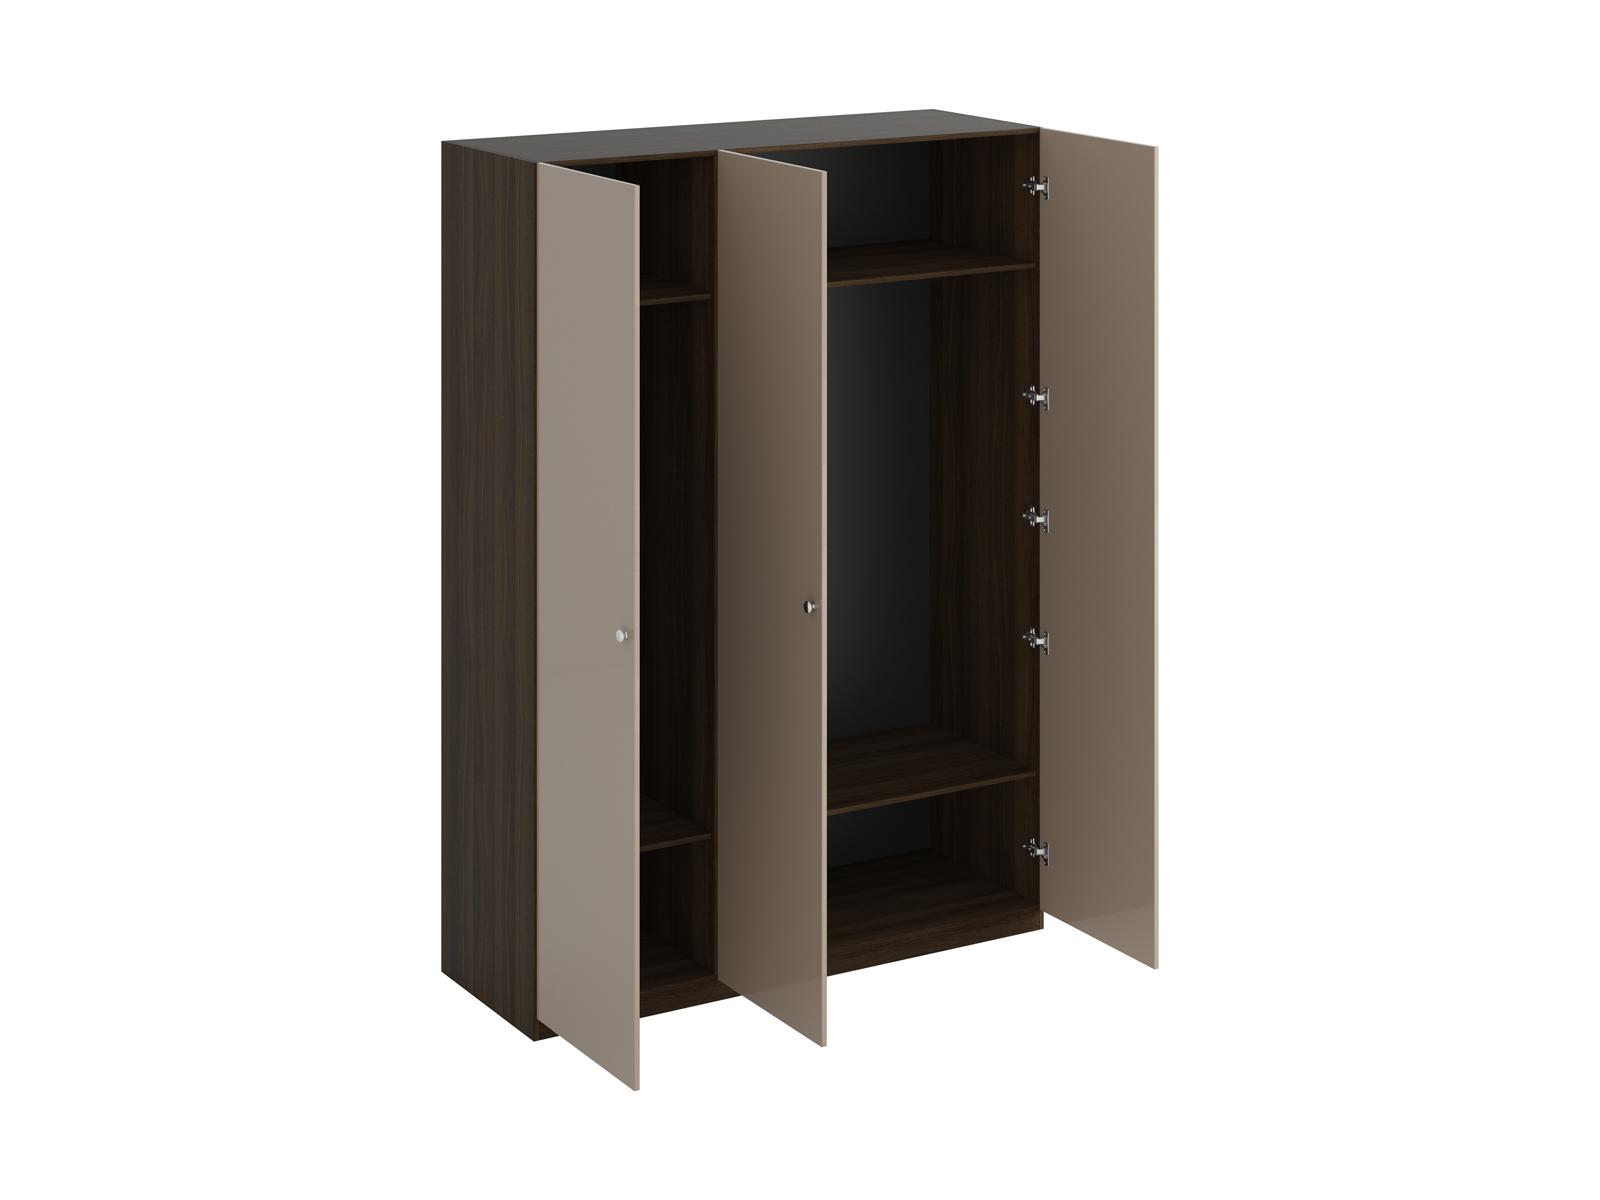 Шкаф Uno Ш3Шкафы<br>Шкаф трёхдверный имеет два отделения. Правое отделение всегда широкое, левое – узкое. В отделениях расположены верхние стационарные и нижние съемные полки. Шкаф установлен на регулируемые опоры. Данную мебель рекомендуется крепить к стене. Ручки и внутрен...<br>